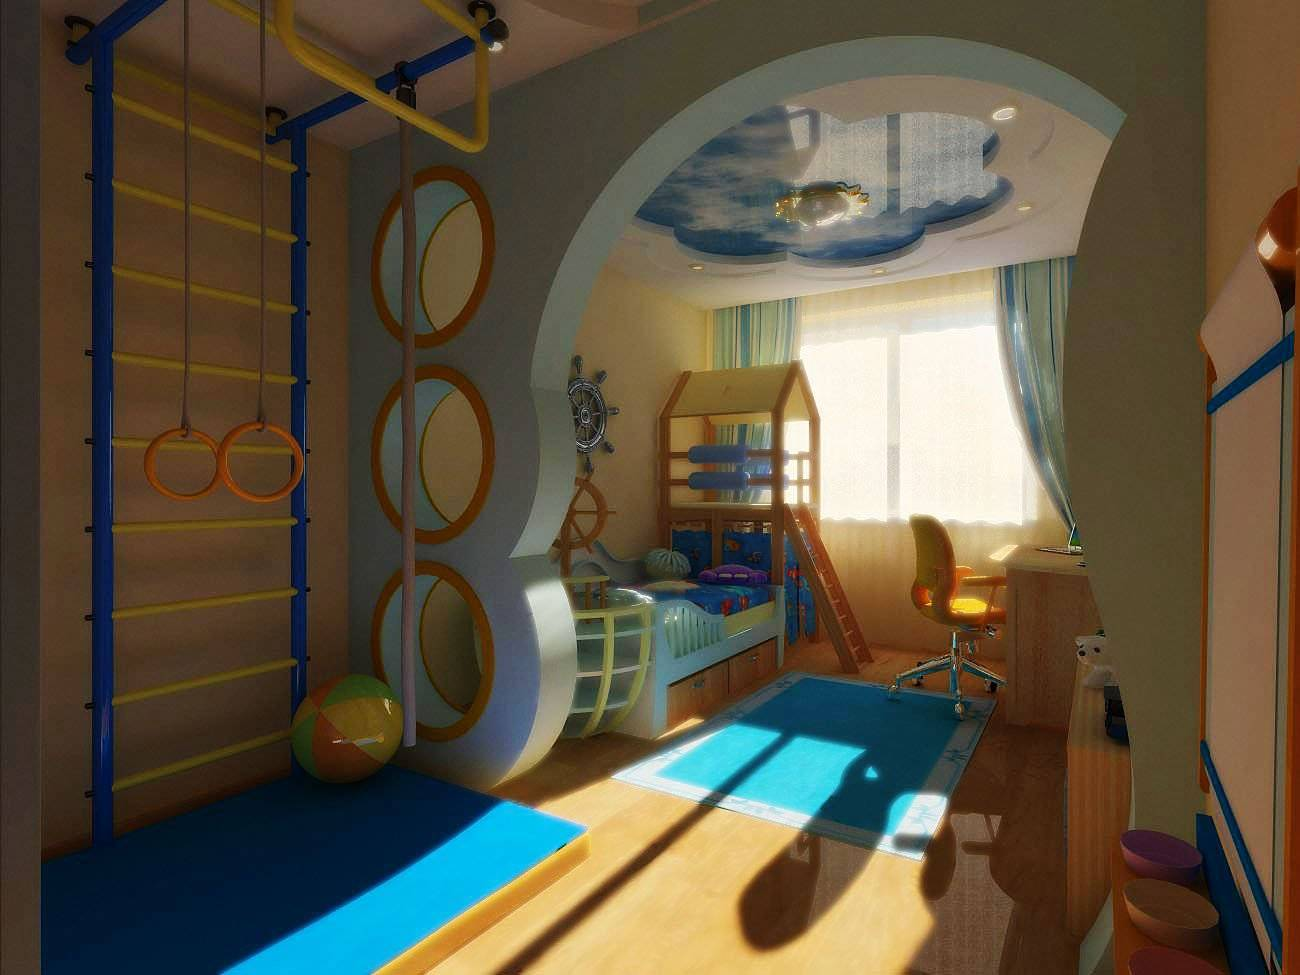 Варианты дизайна детской комнаты площадью 8 кв м